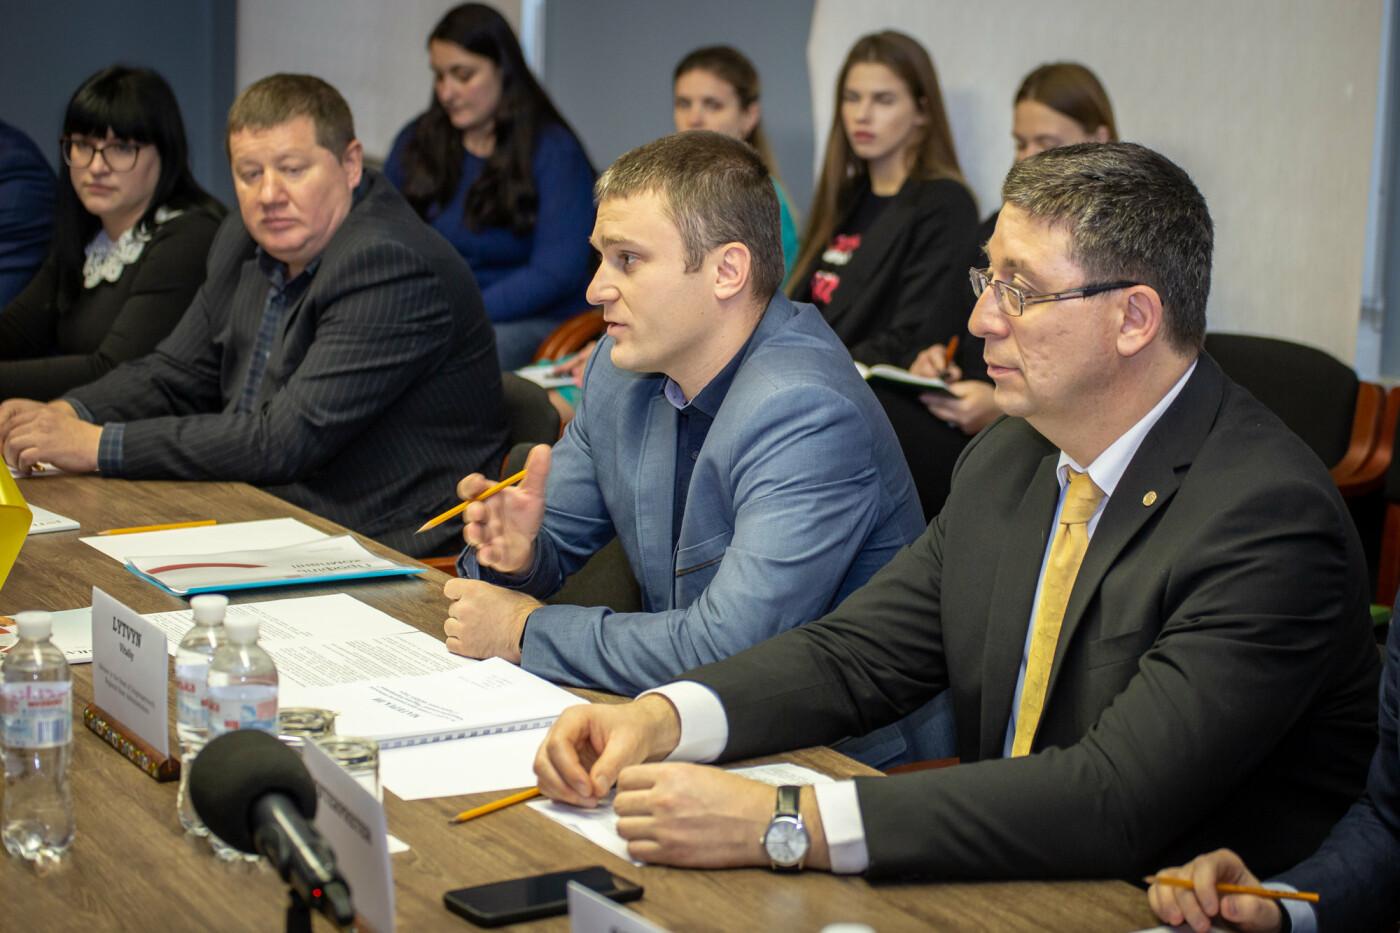 Днепропетровщина и Япония обсудили возможность строительства мусороперерабатывающего завода, - ФОТО, фото-4